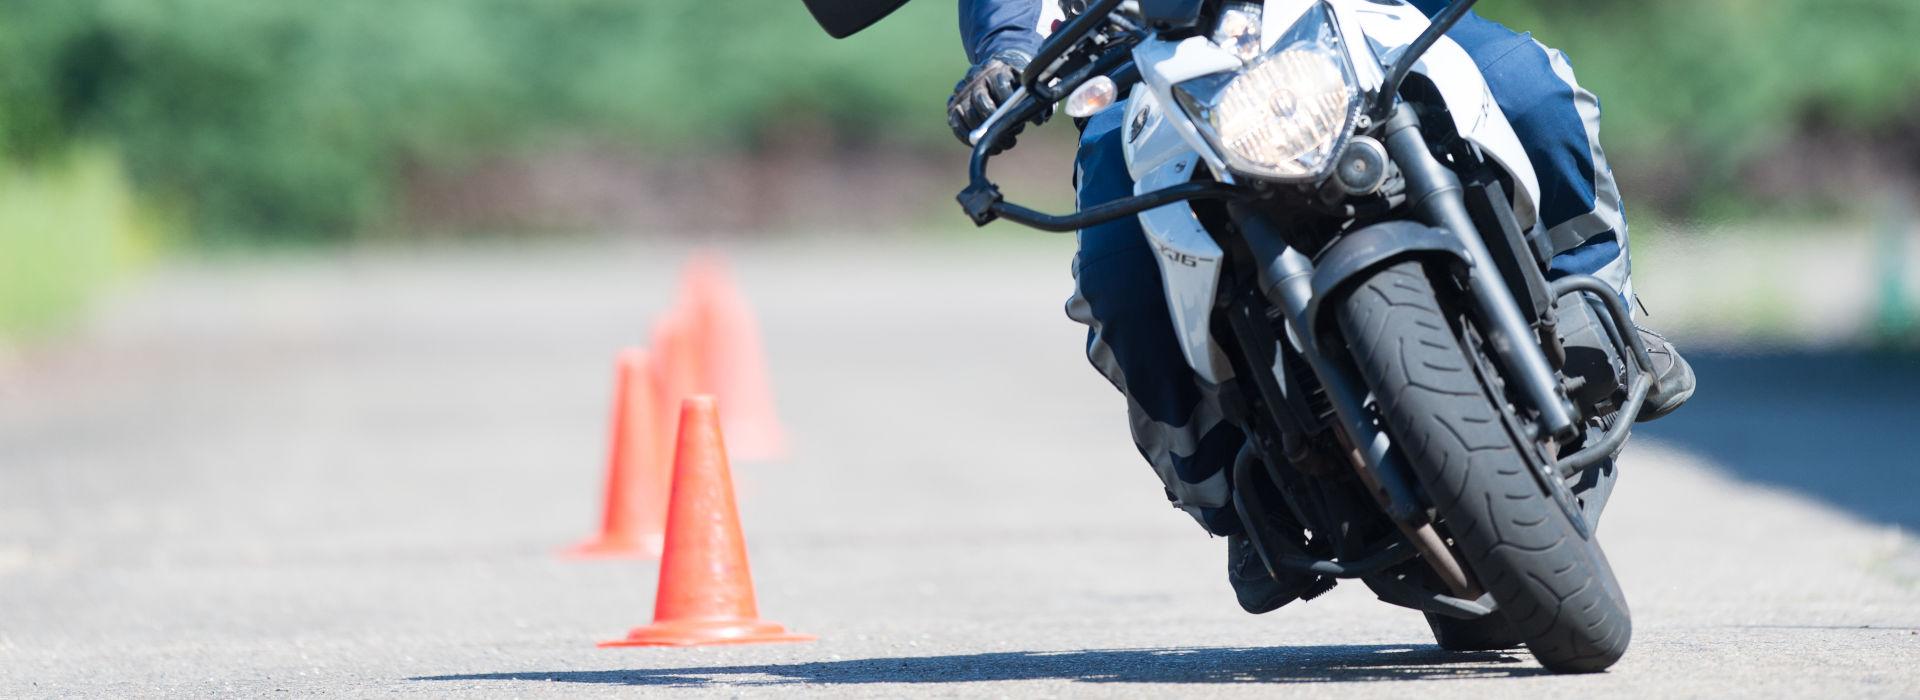 Motorrijbewijspoint Waddinxveen motor rijvaardigheid